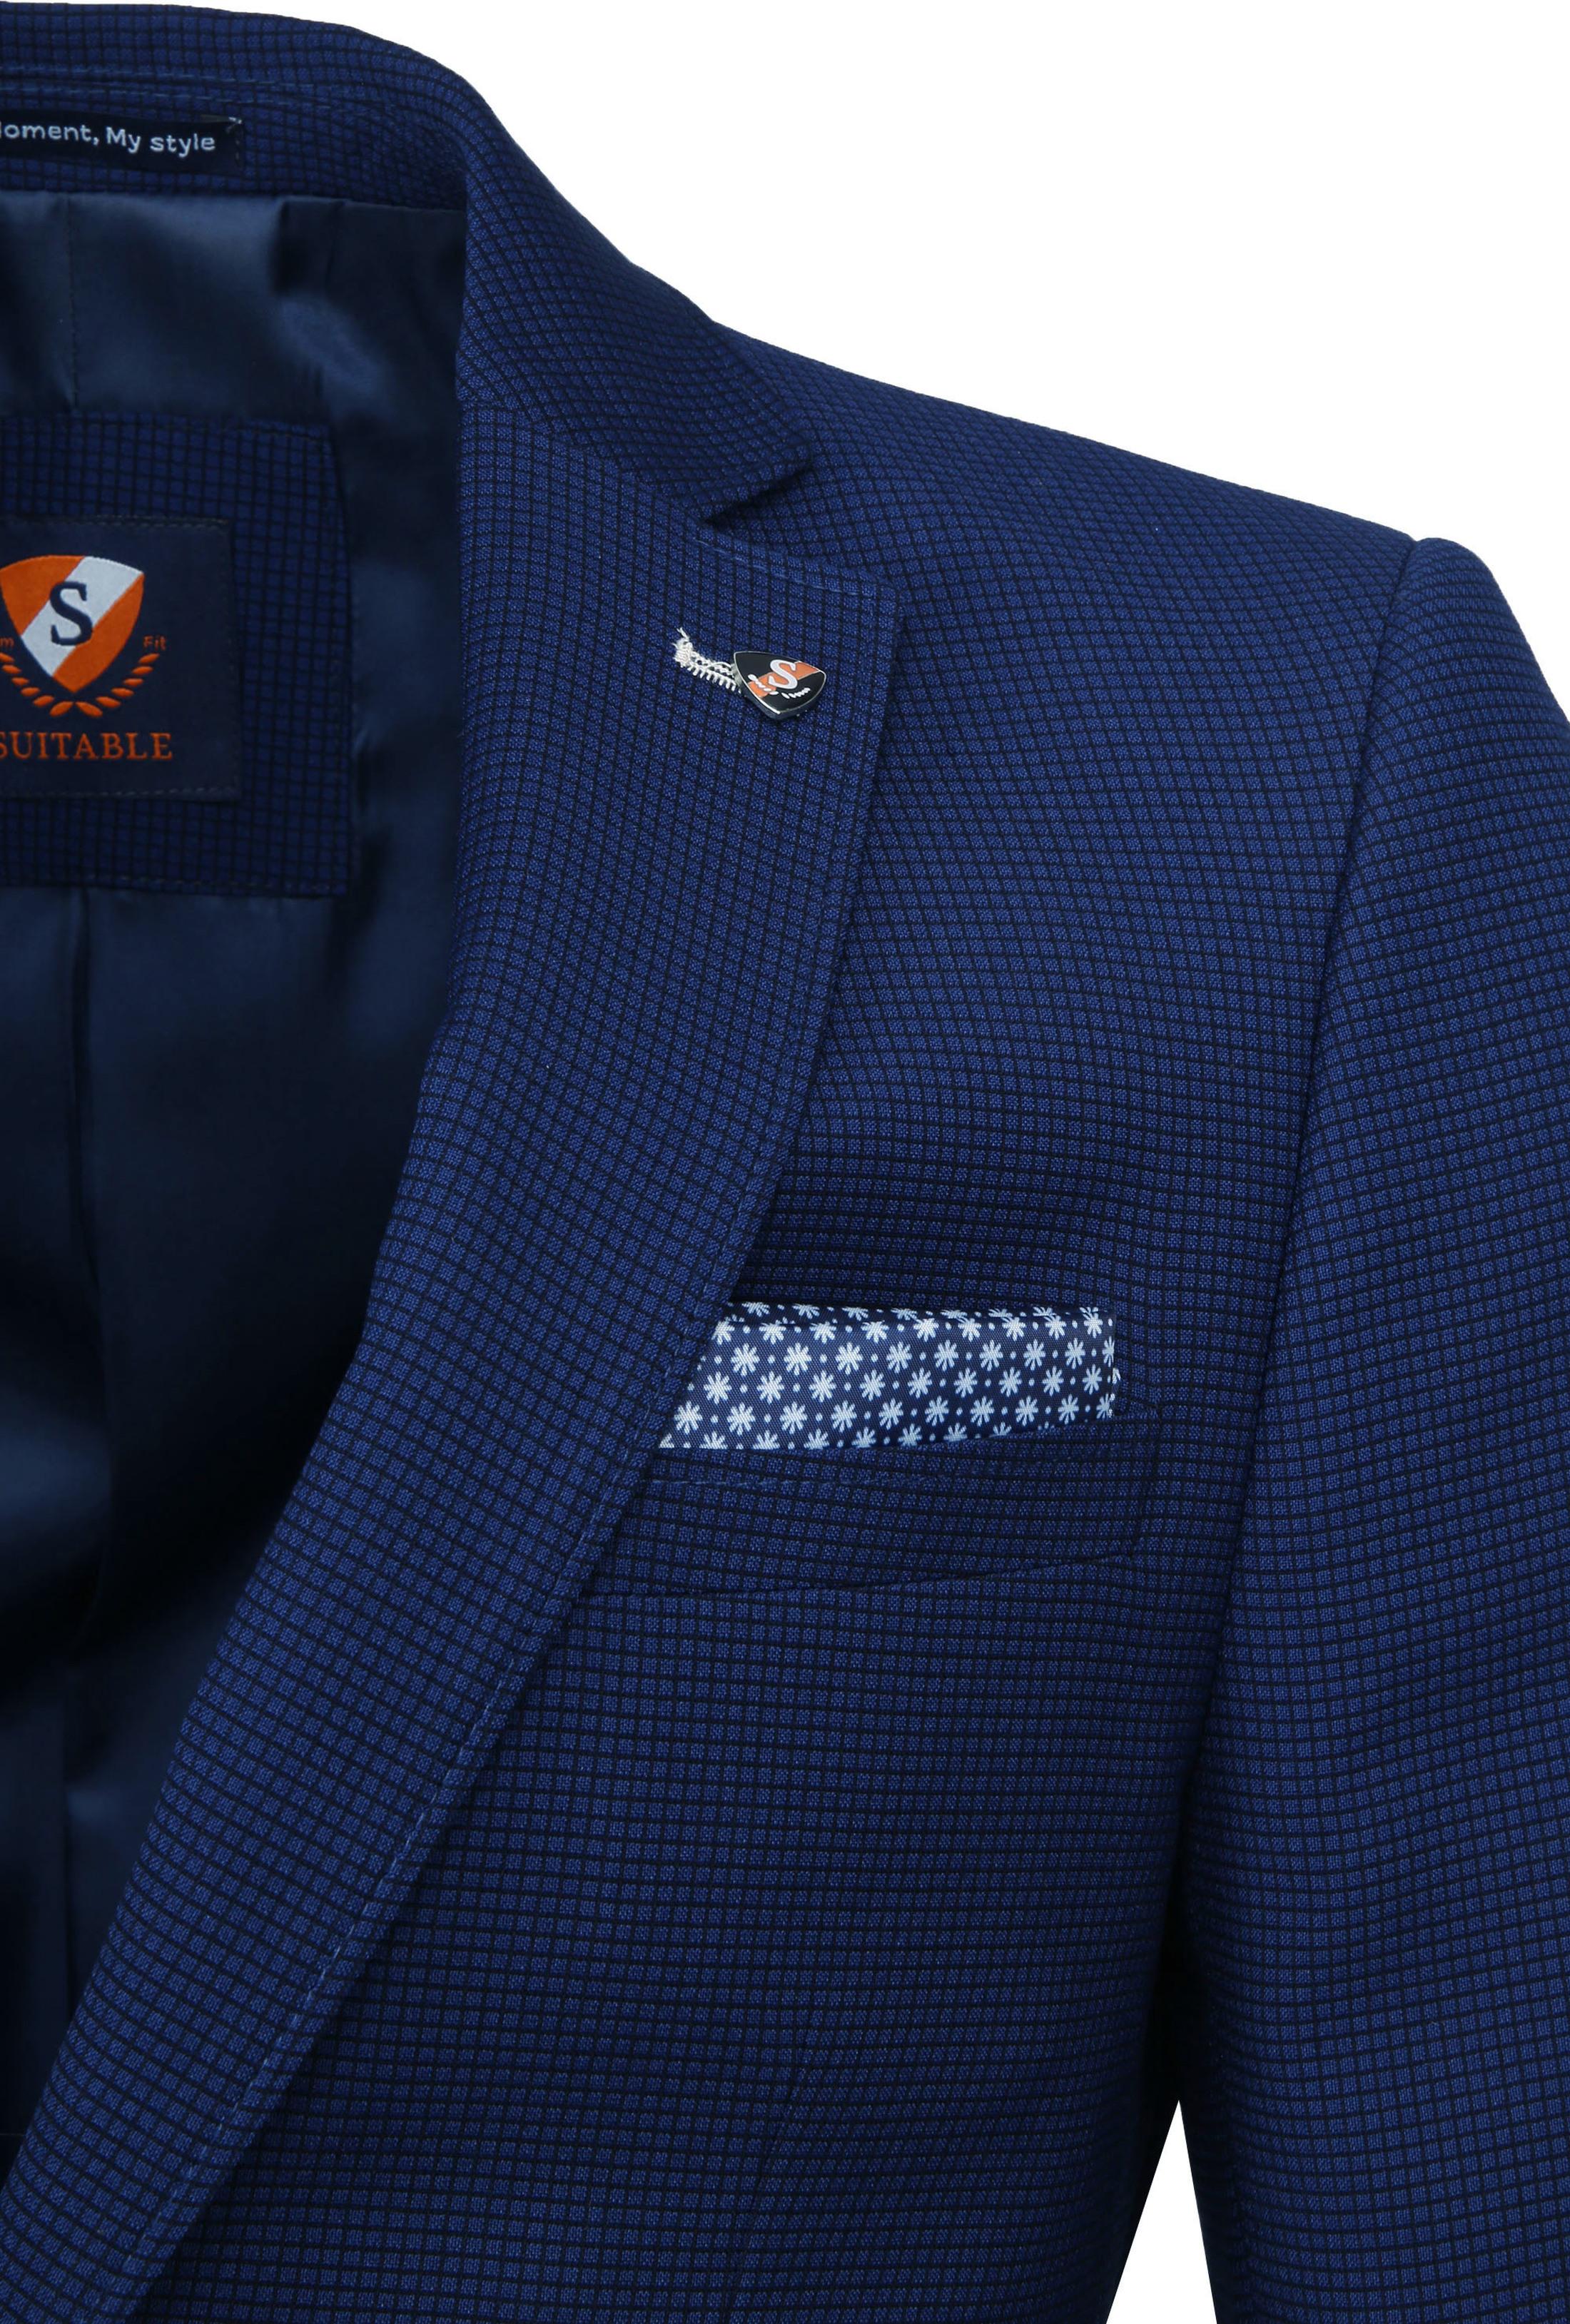 Suitable Blazer Kastri Blauw foto 1